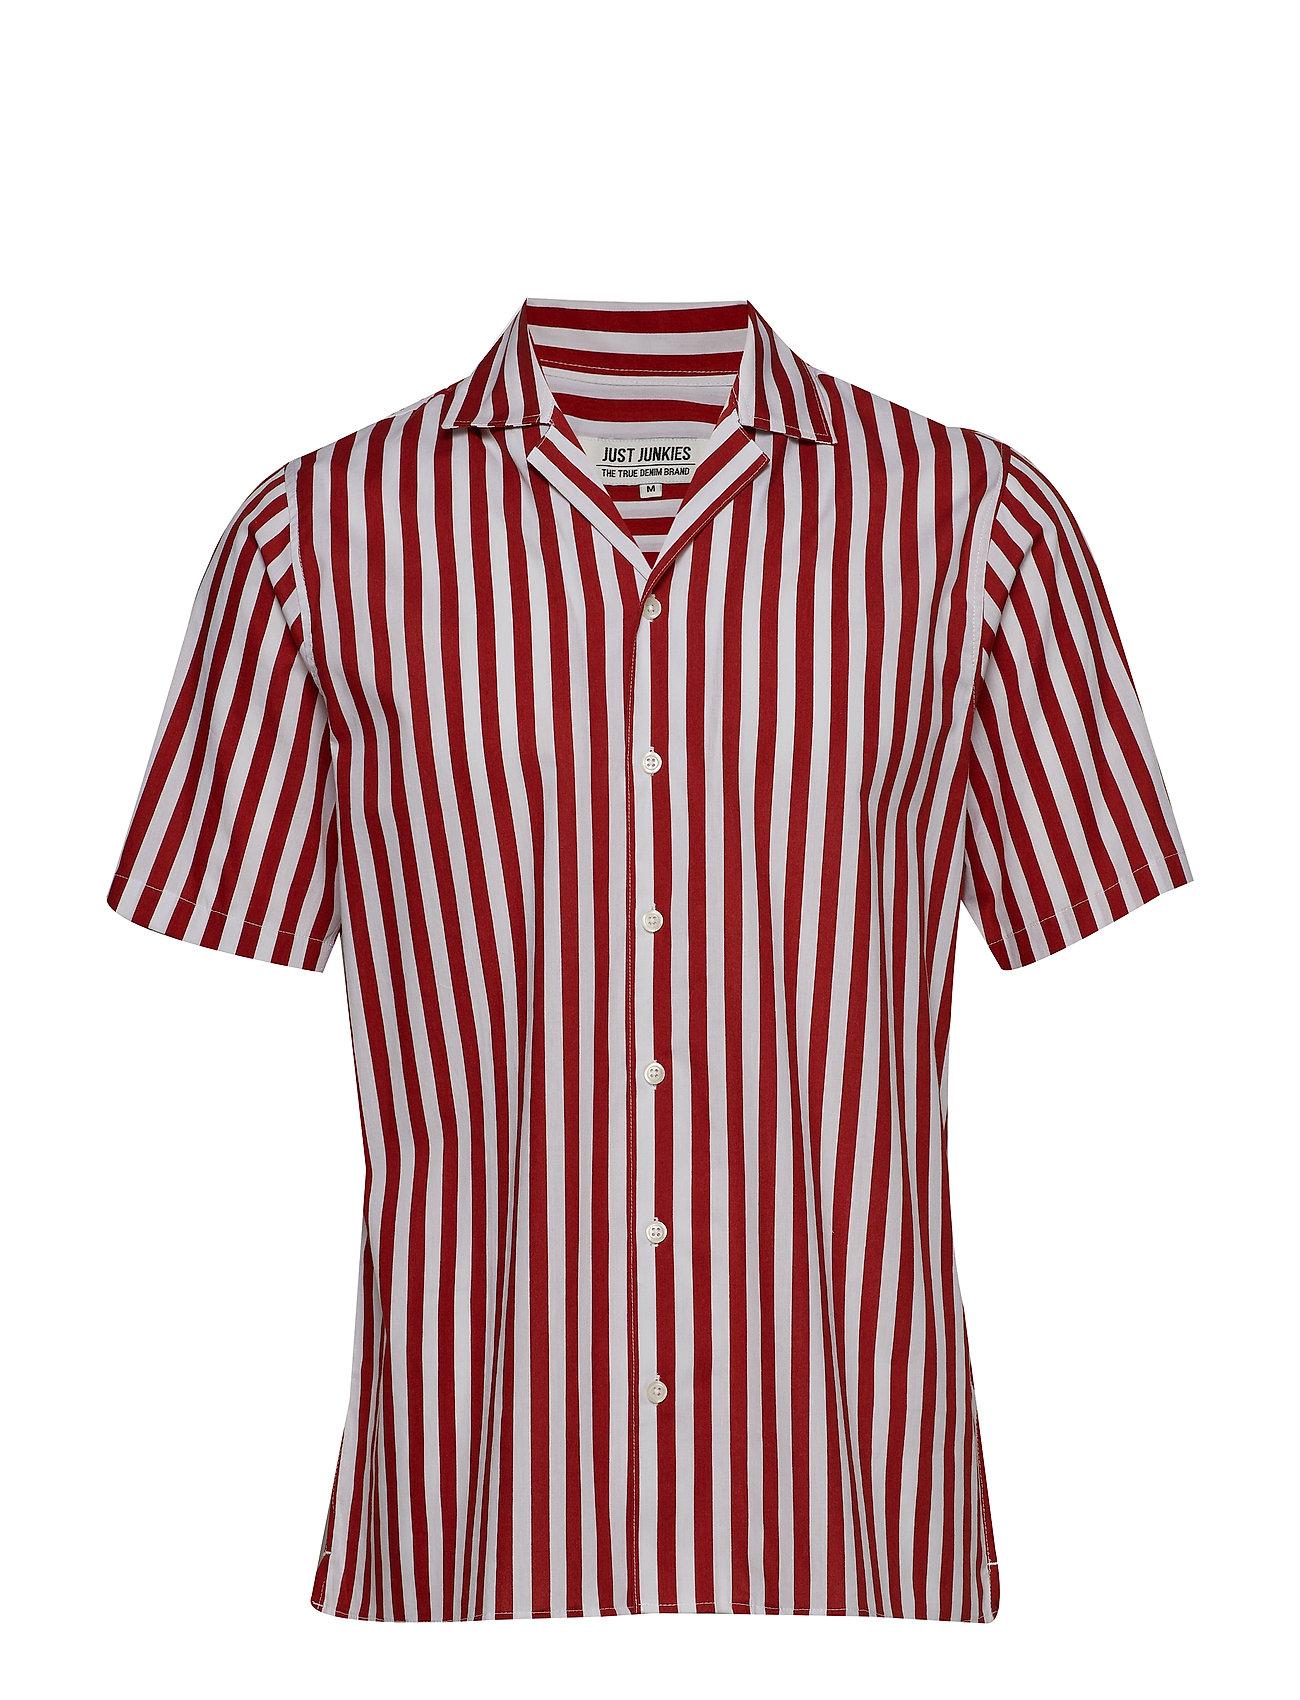 Just Junkies Ross Shirt Ögrönlar